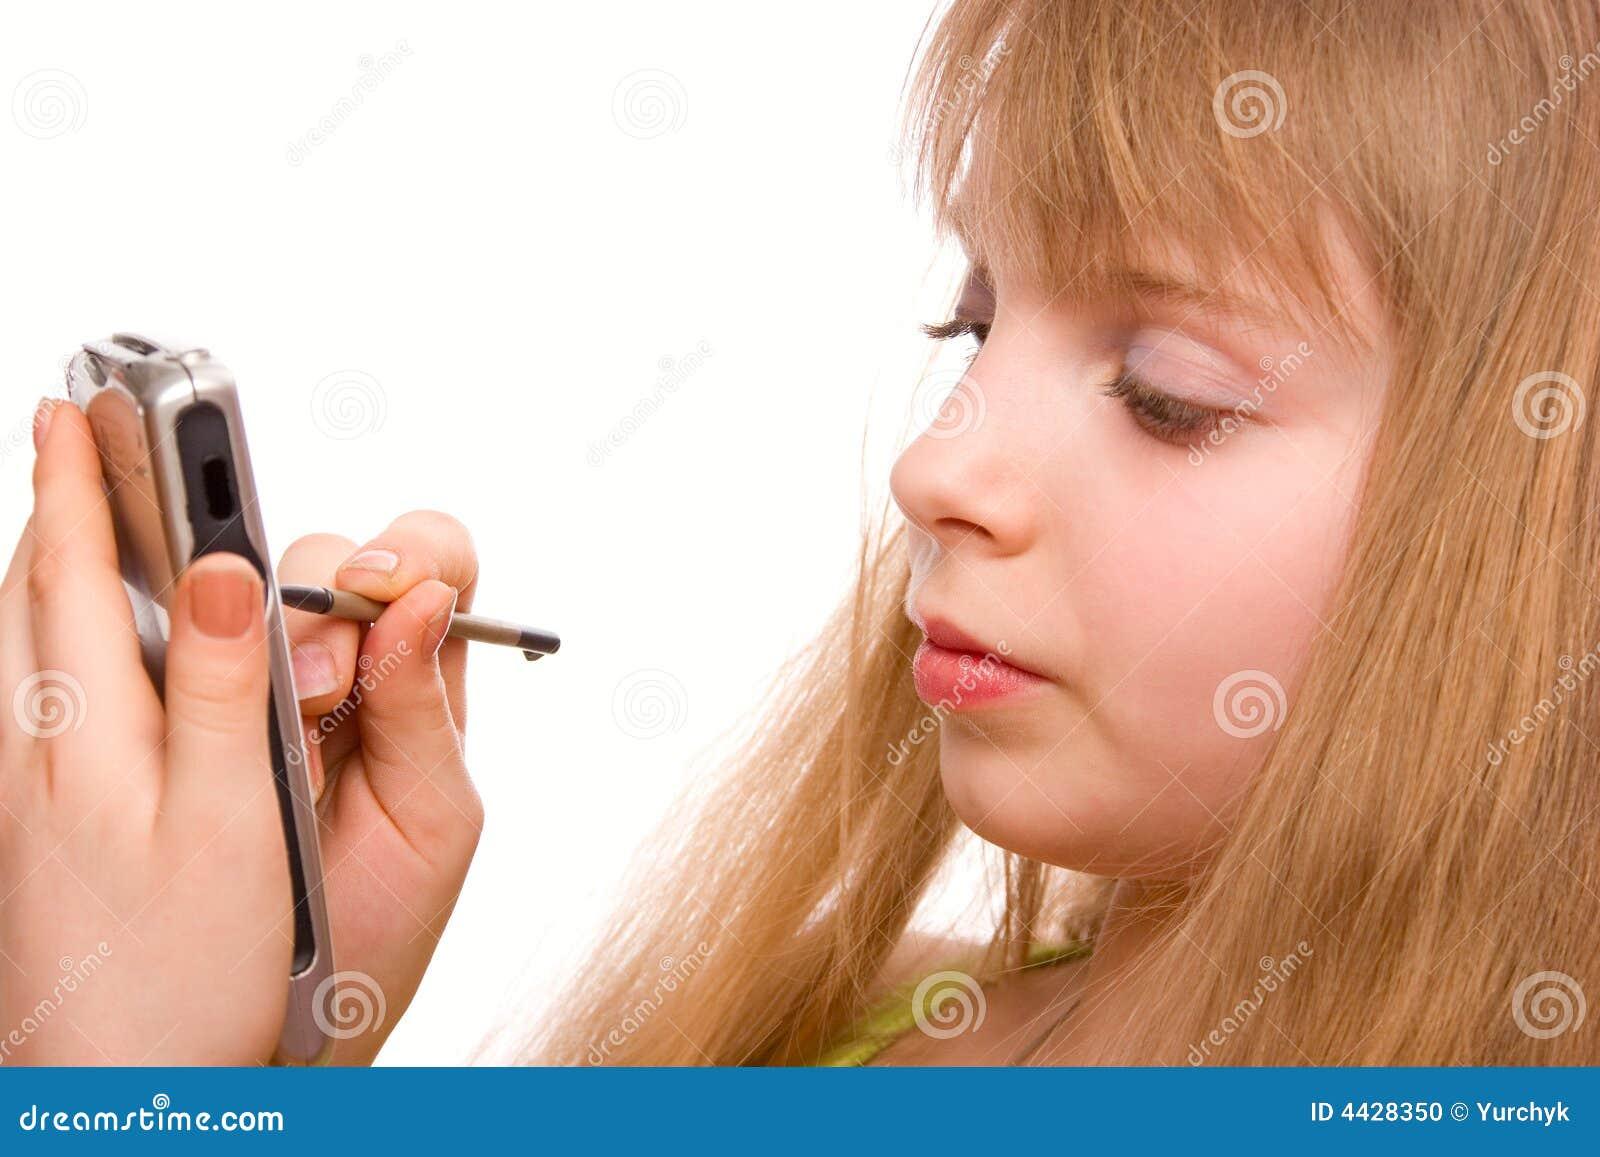 Image libre: jolie fille, adolescent, femme, ombre, modle